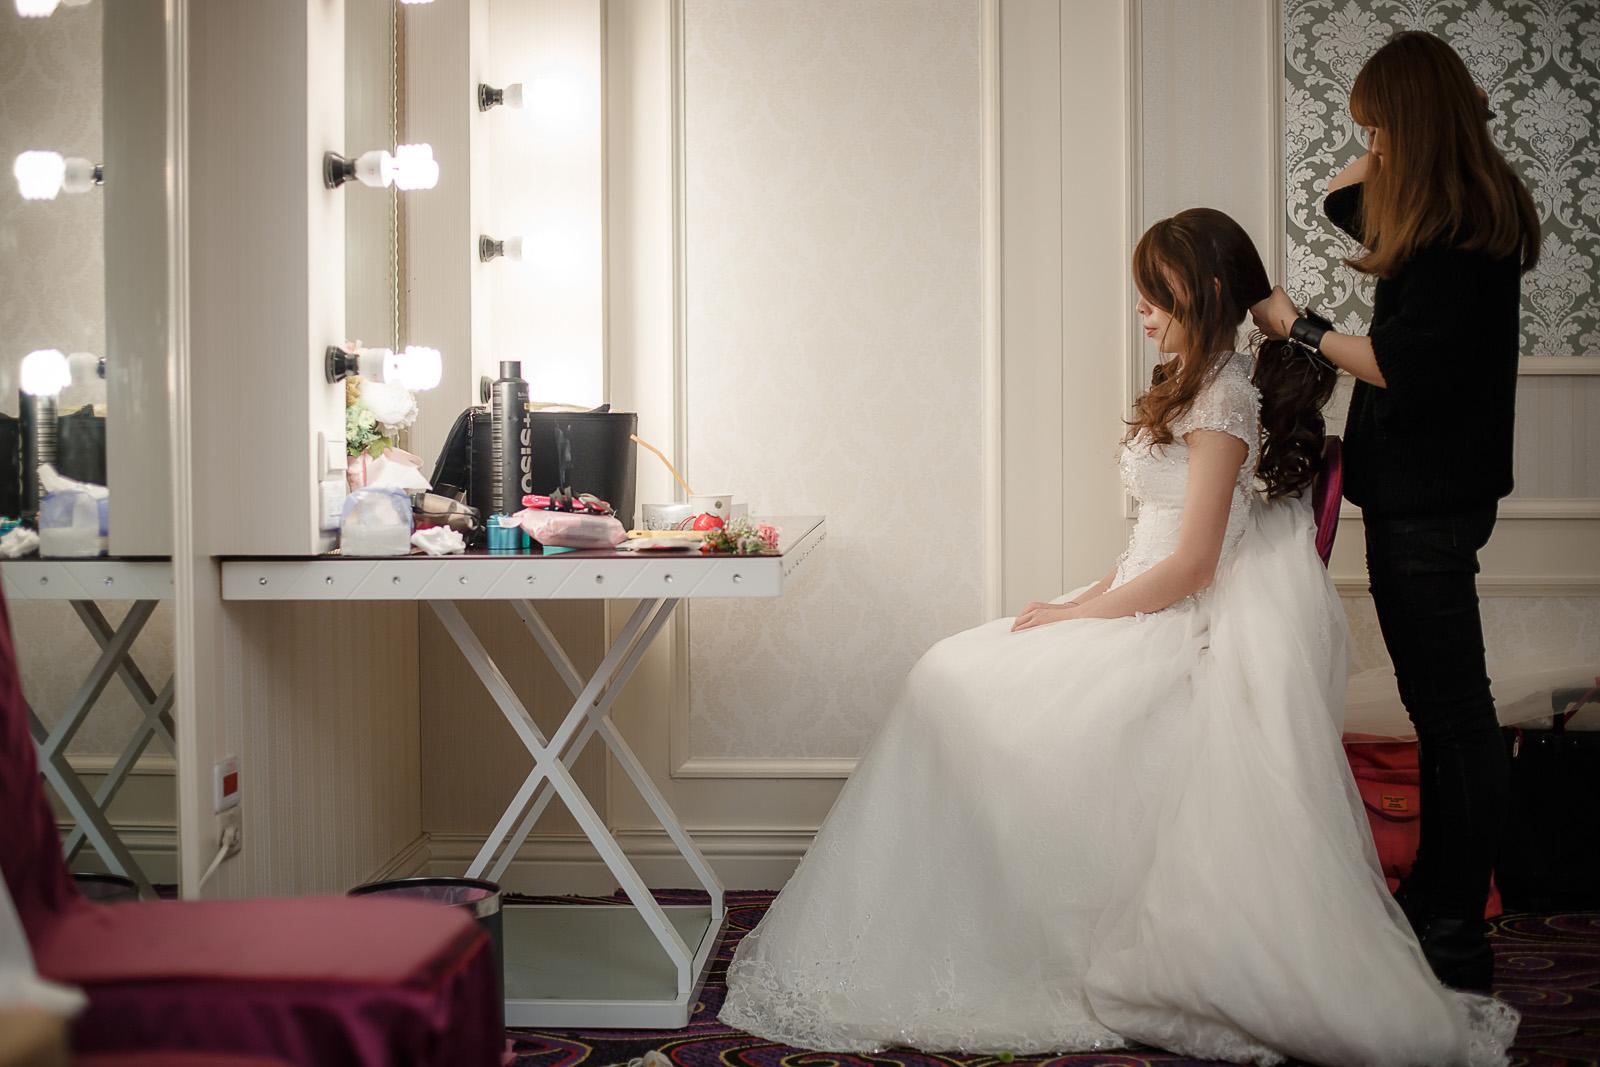 高雄圓山飯店,婚禮攝影,婚攝,高雄婚攝,優質婚攝推薦,Jen&Ethan-214